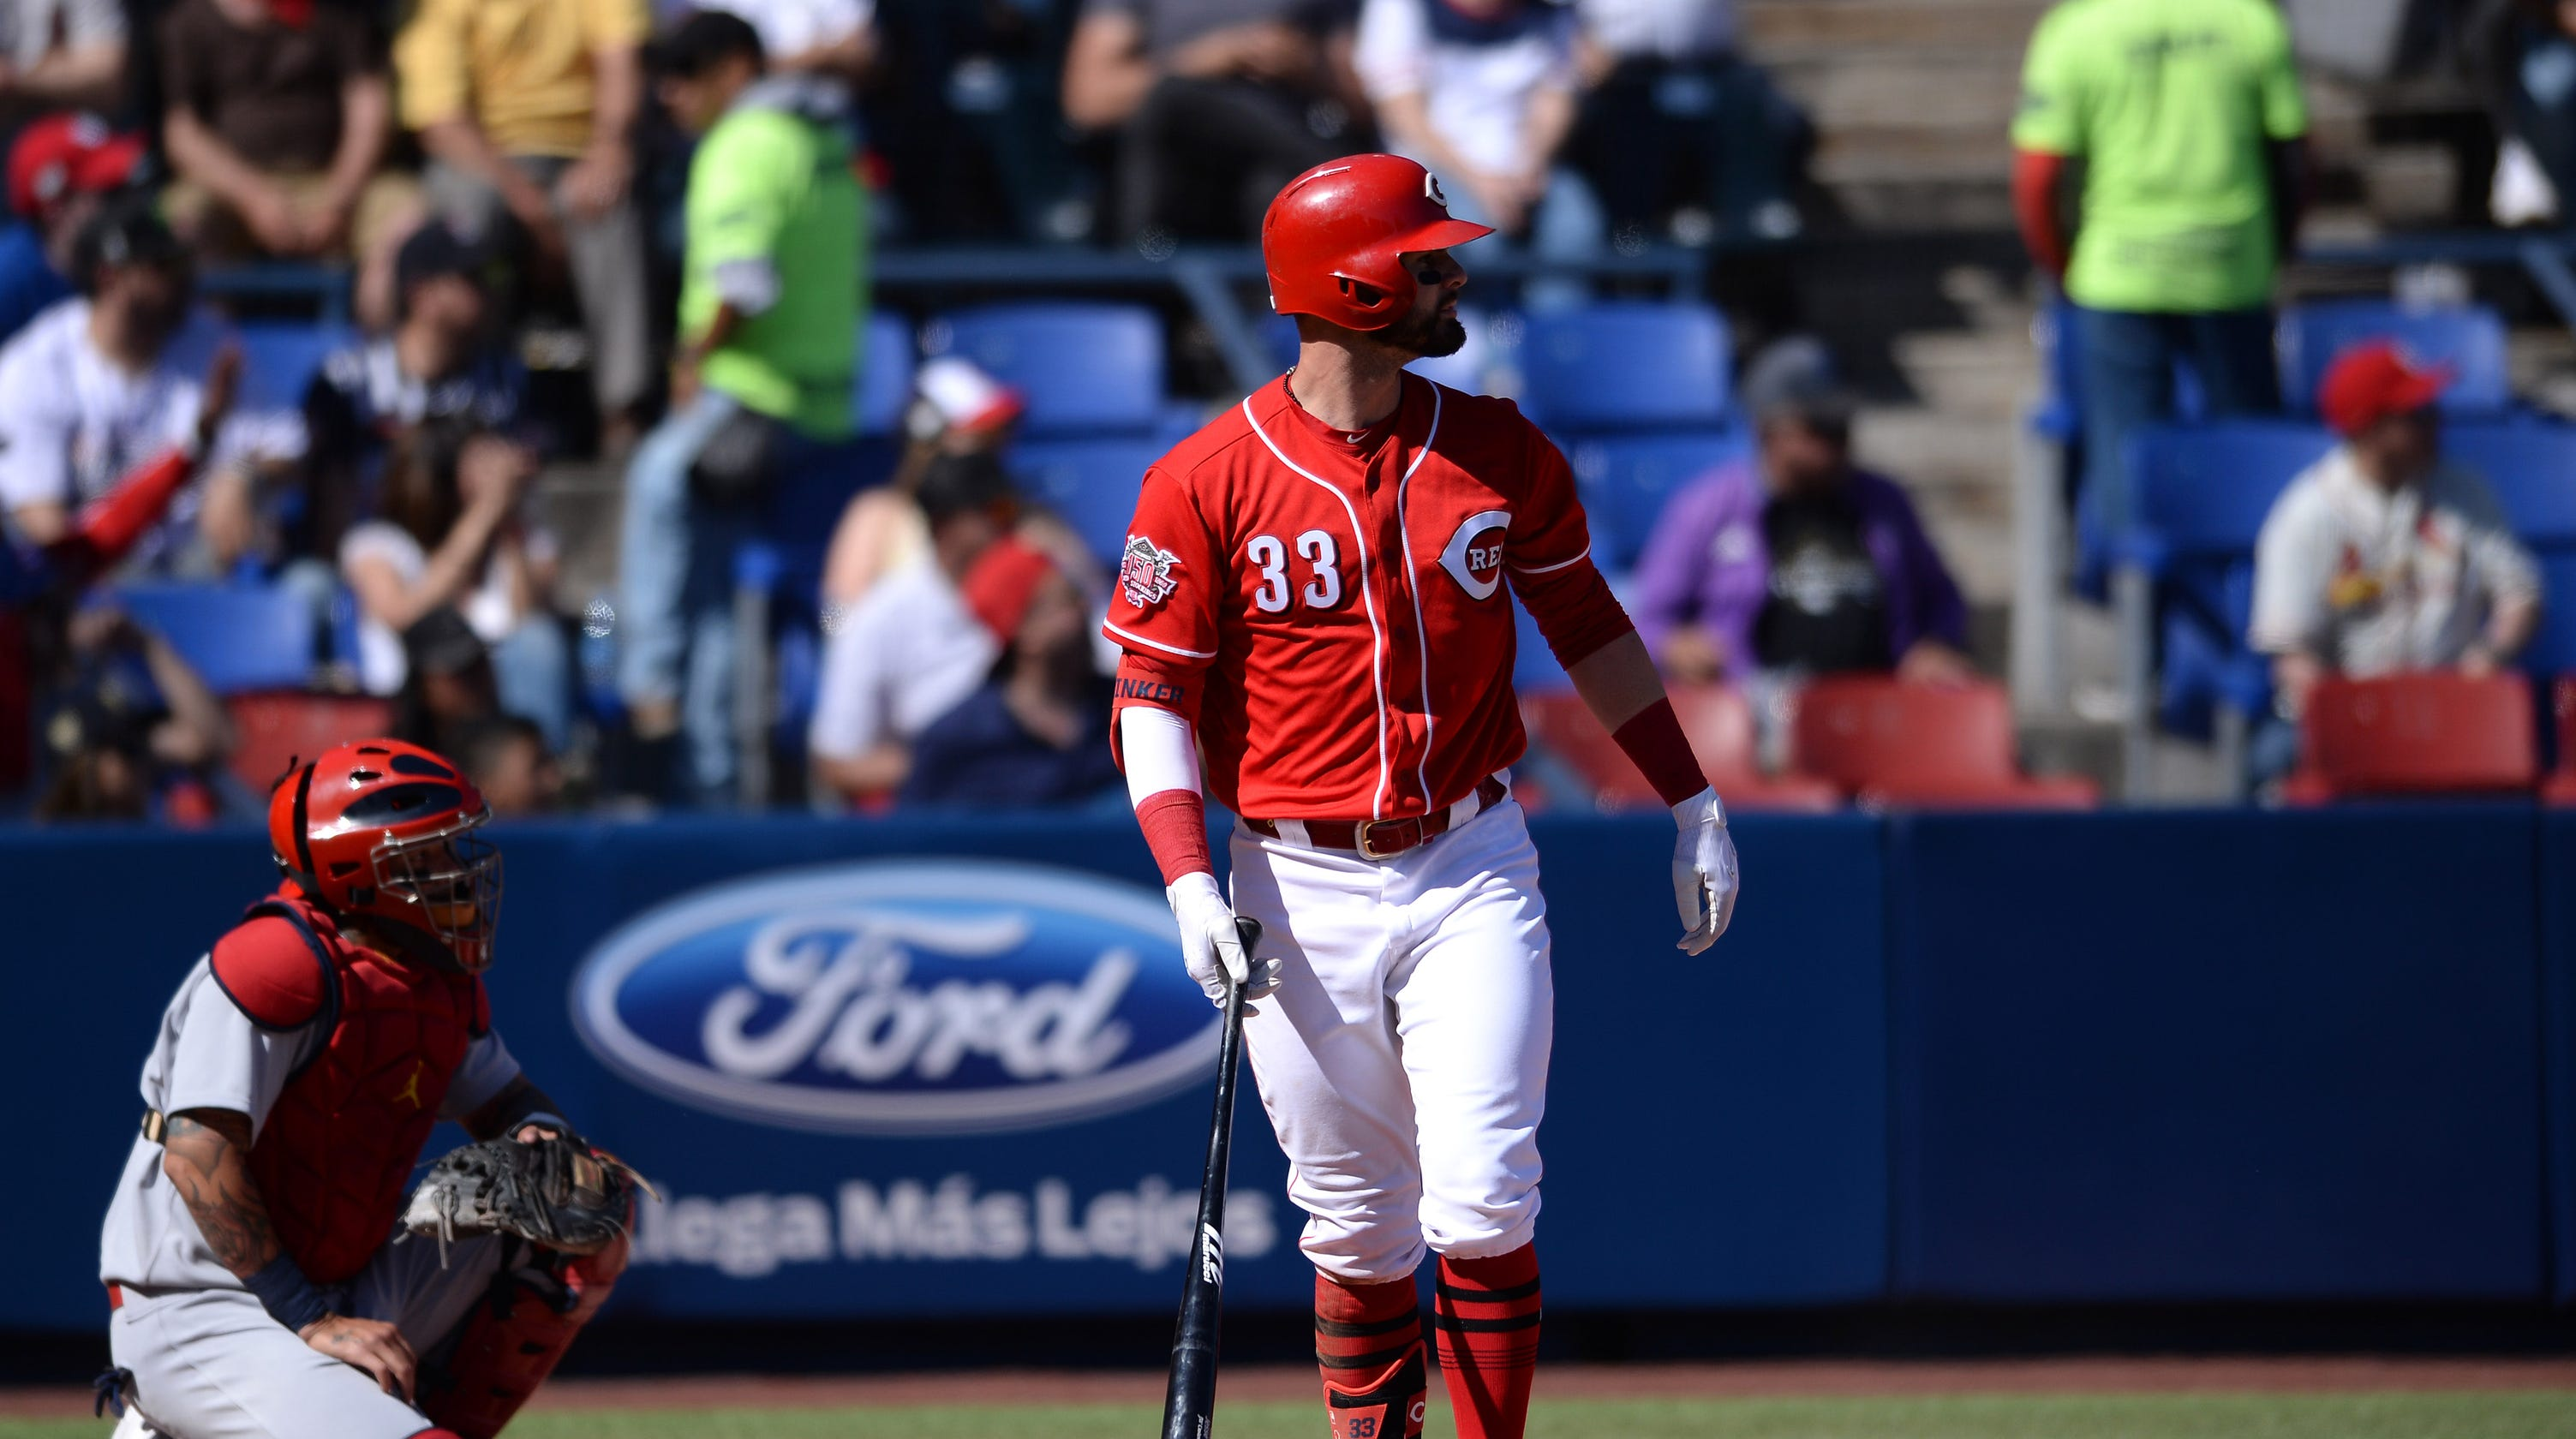 7c7fdadb MLB Mexico Series: Jesse Winker homers again as Cincinnati Reds lose